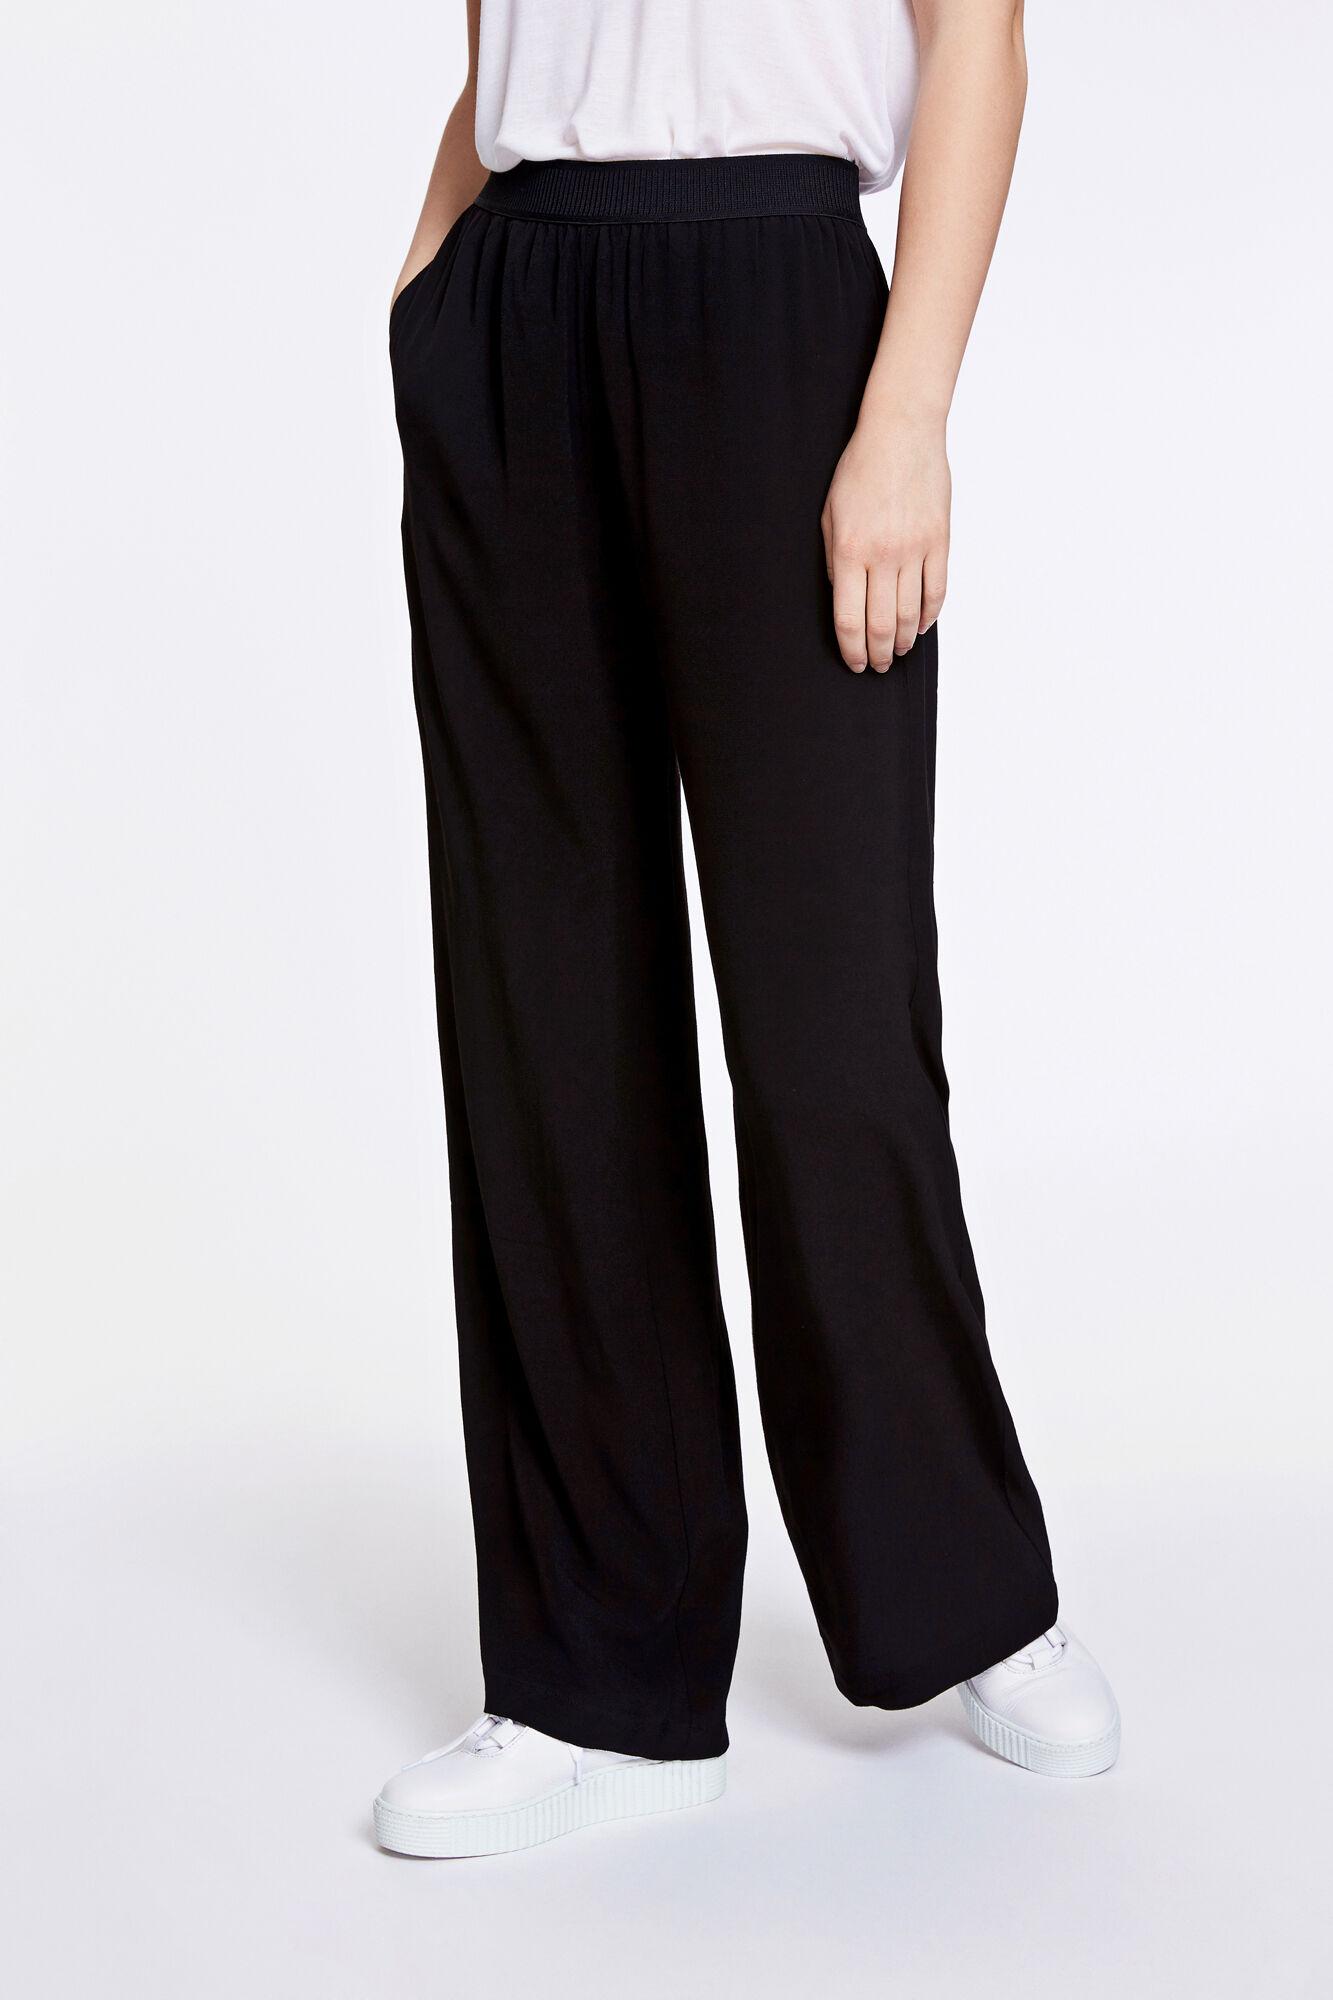 Nessie pants 6515